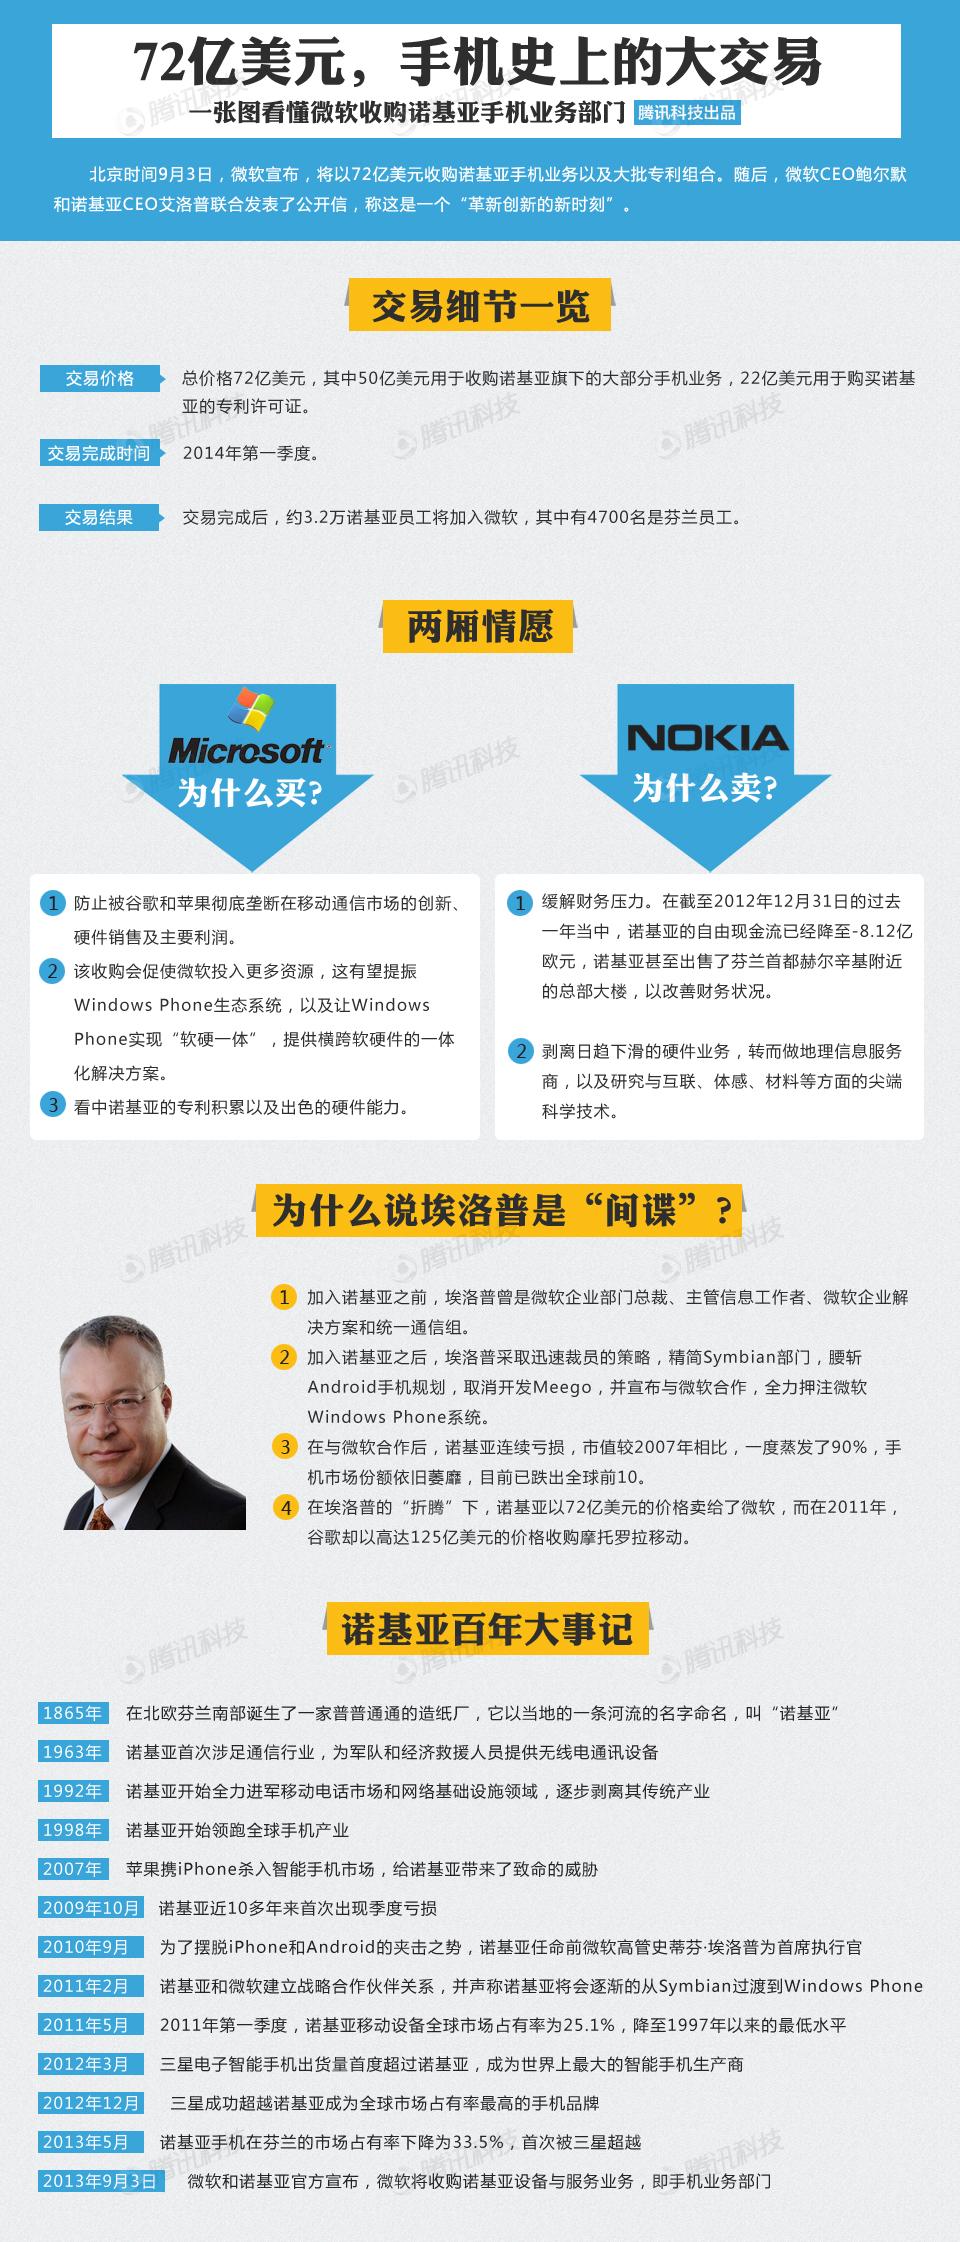 一张图看懂微软收购诺基亚手机业务